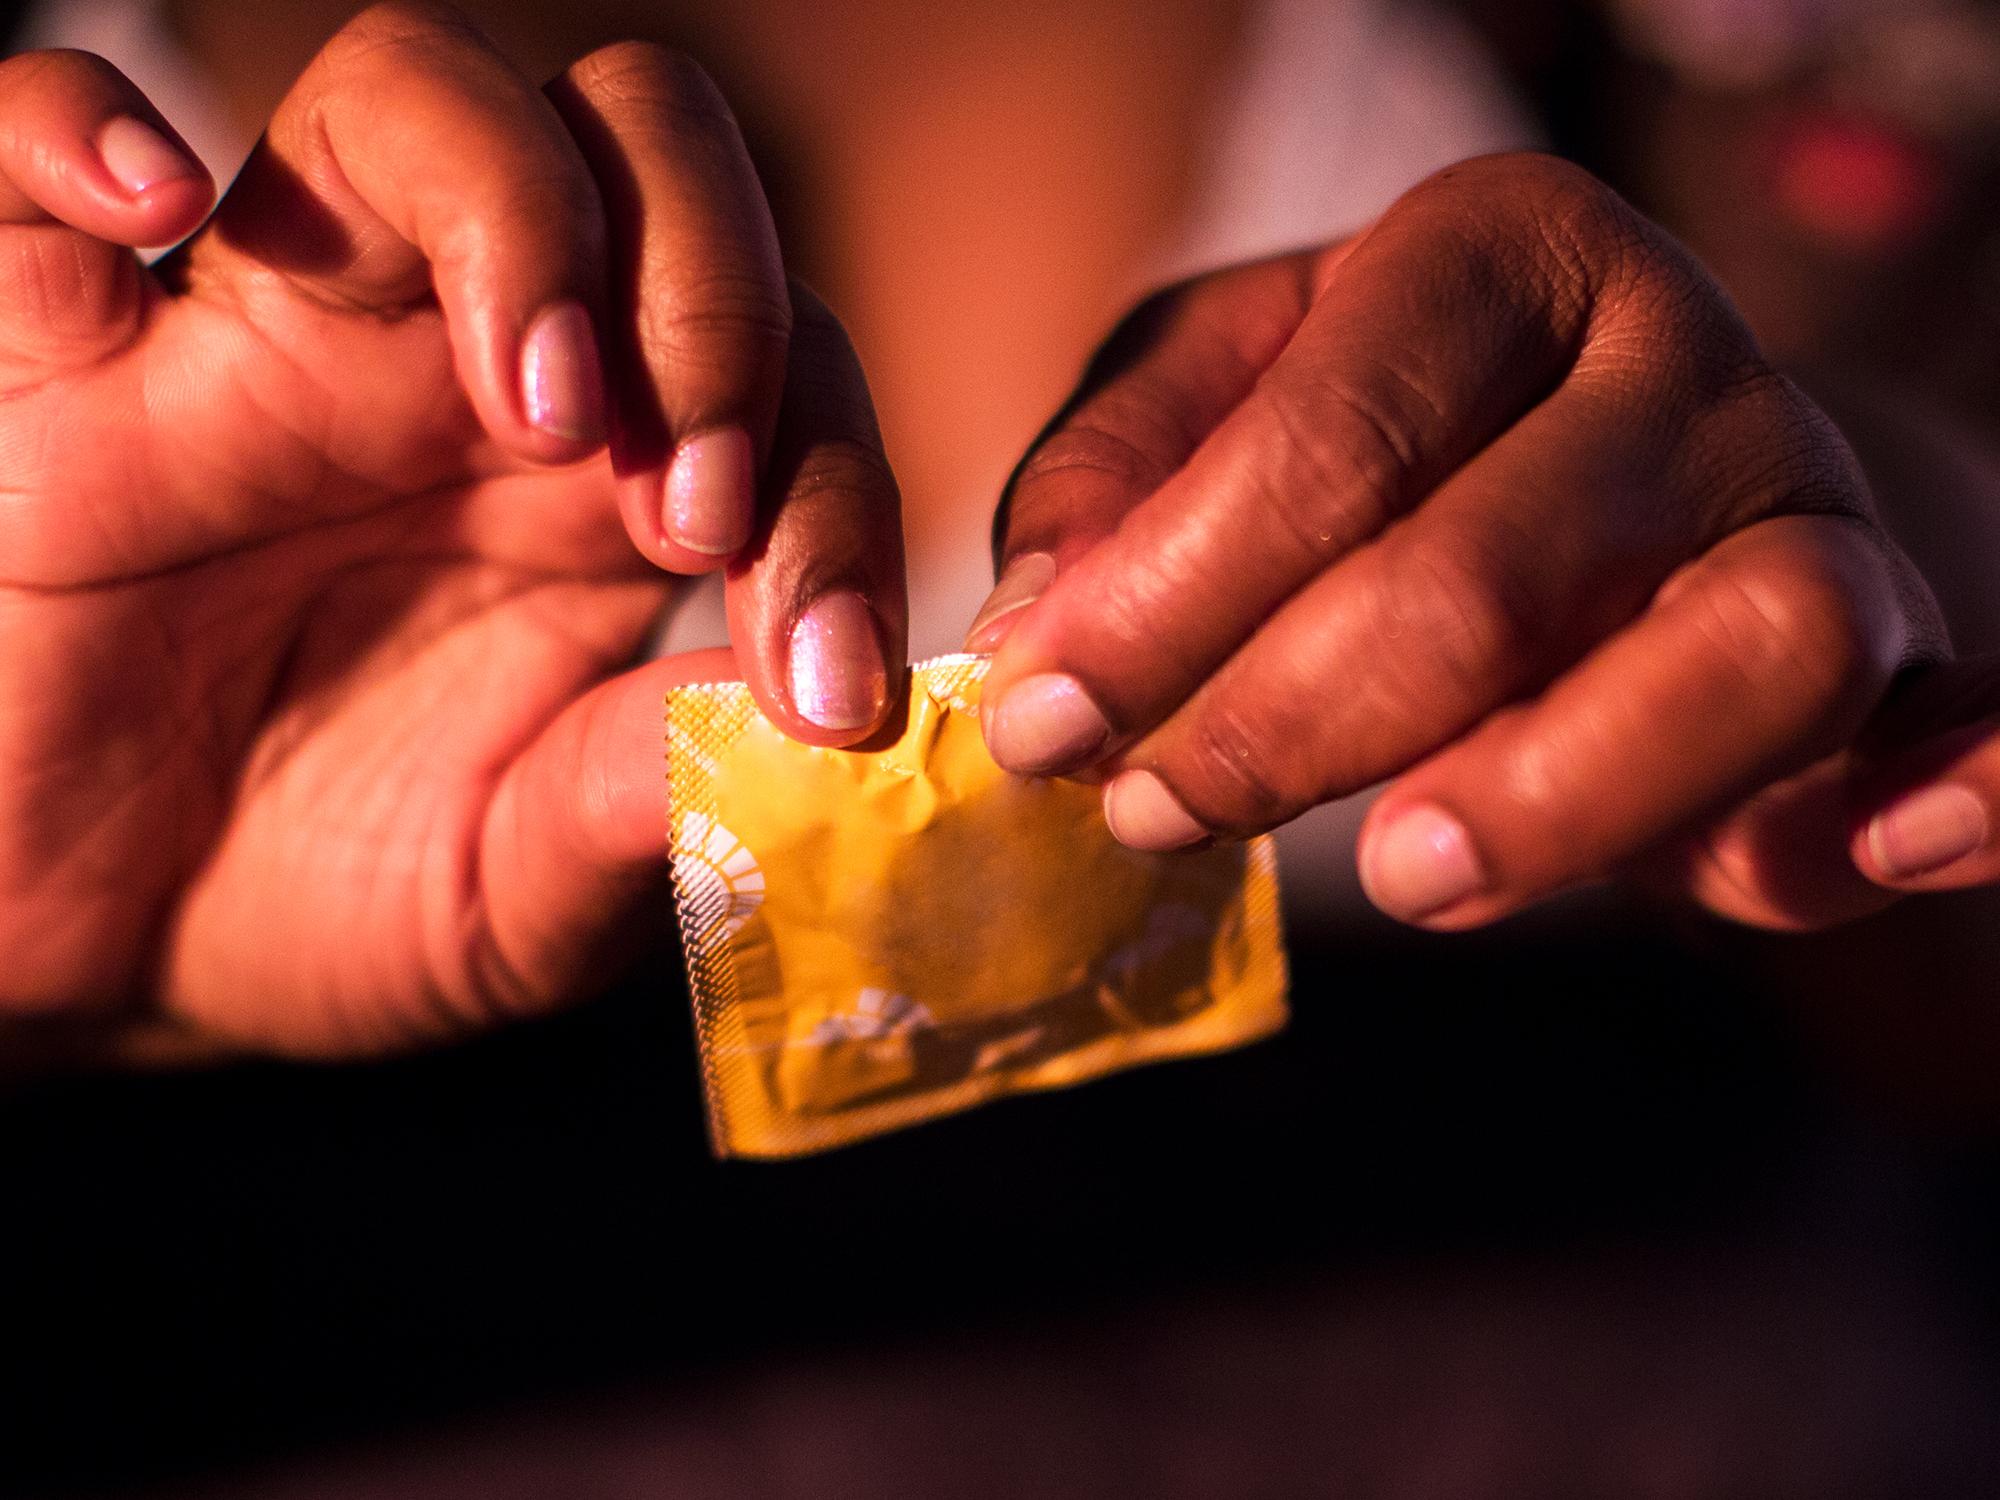 legítimo intercambio de parejas condón